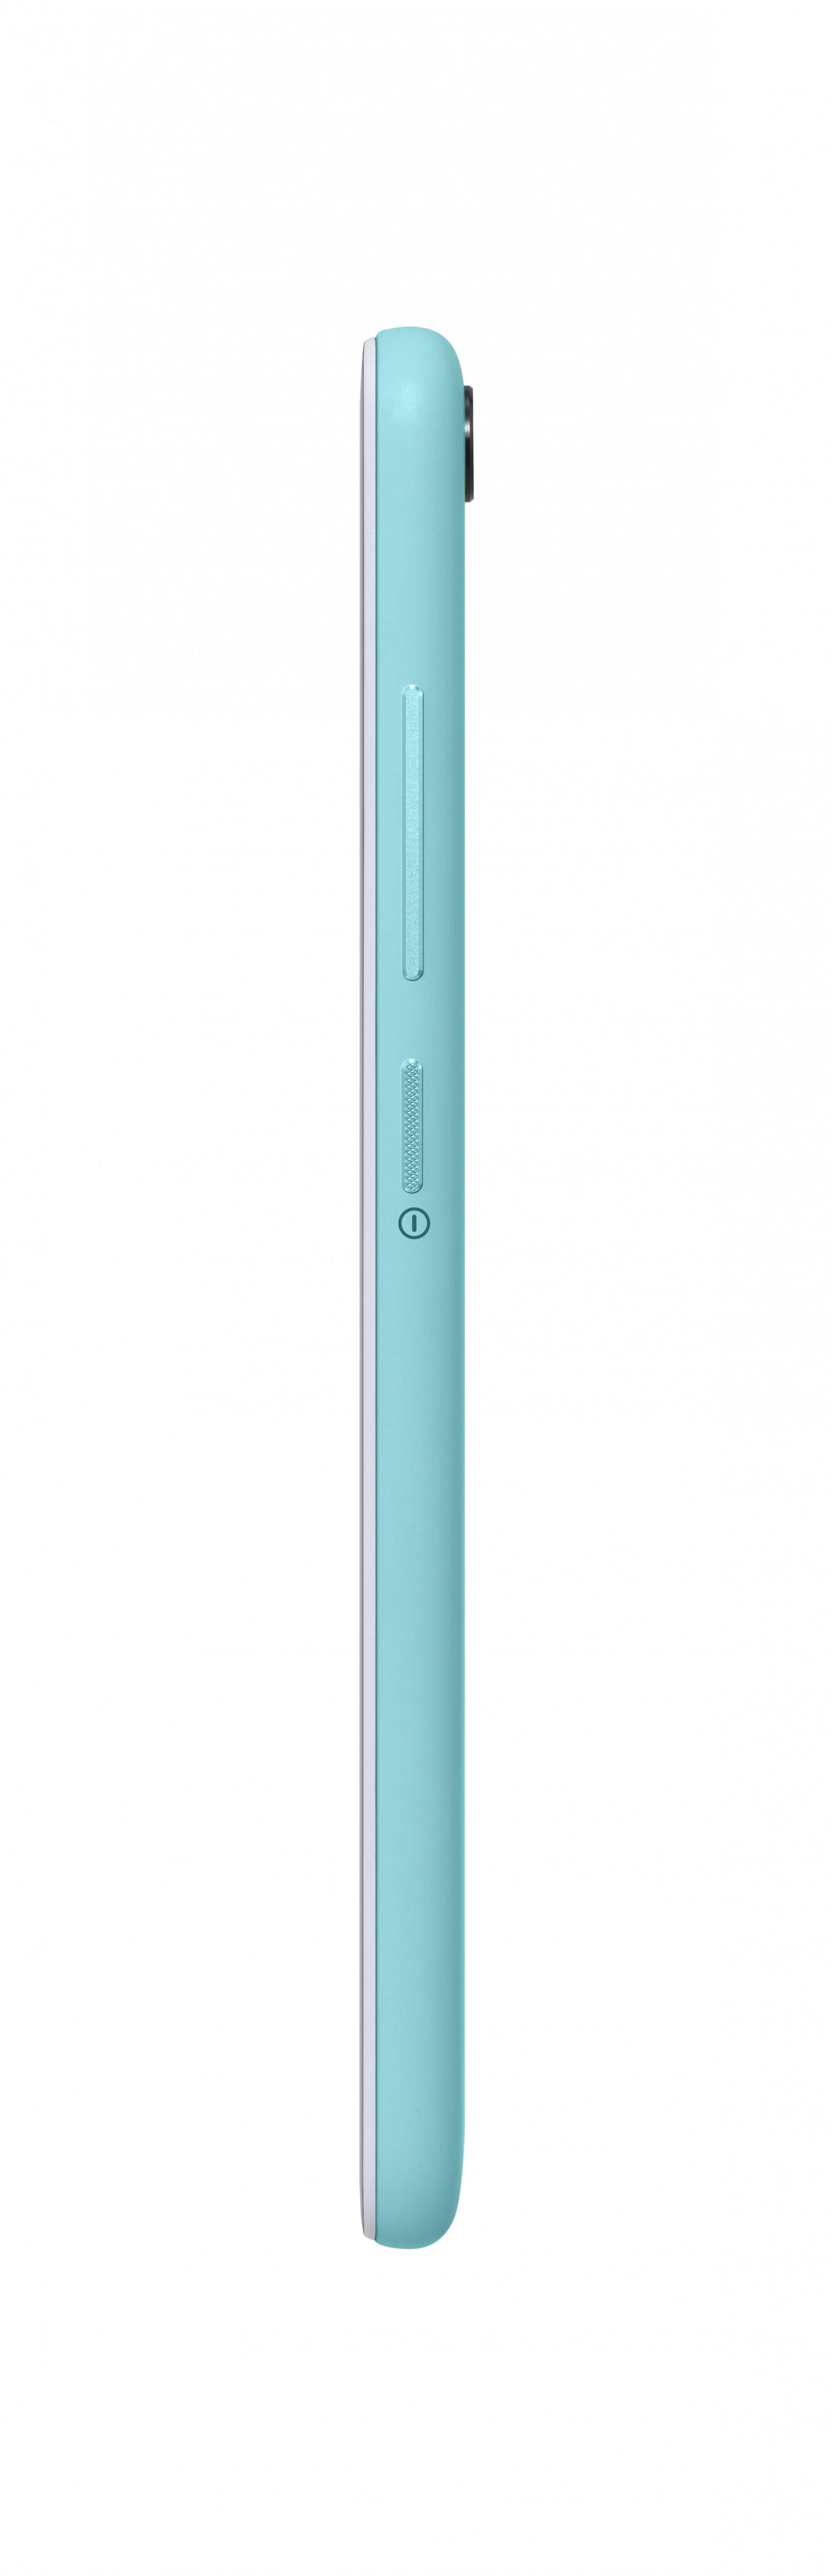 ZTE Blade V9 Vita доступен для предзаказа в России6